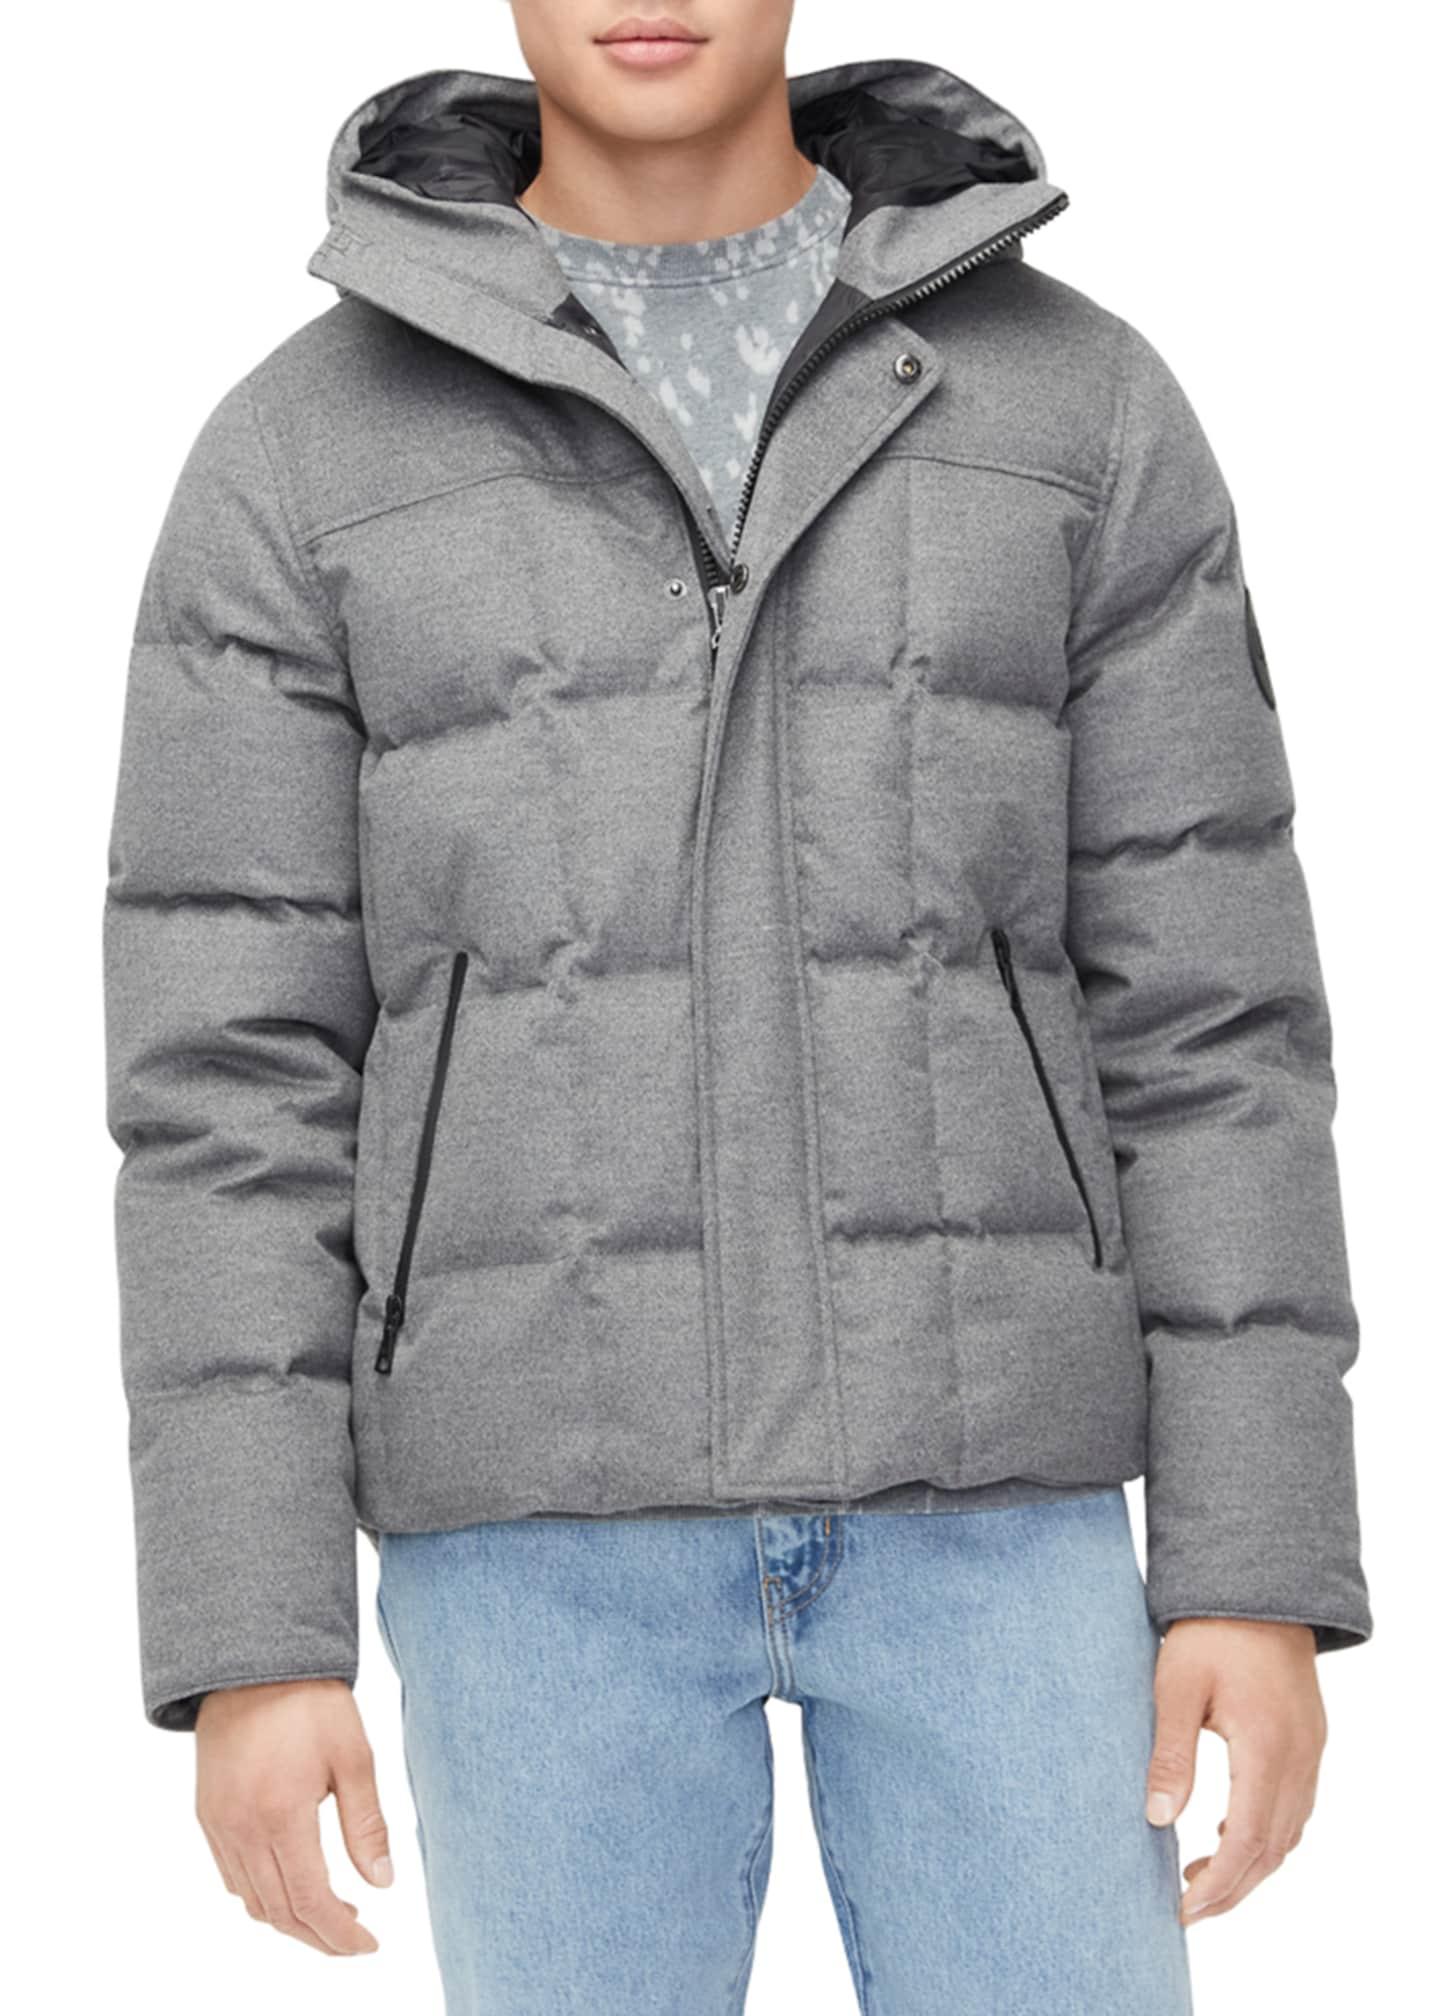 UGG Men's Cadin Hip-Length Puffer Parka Coat